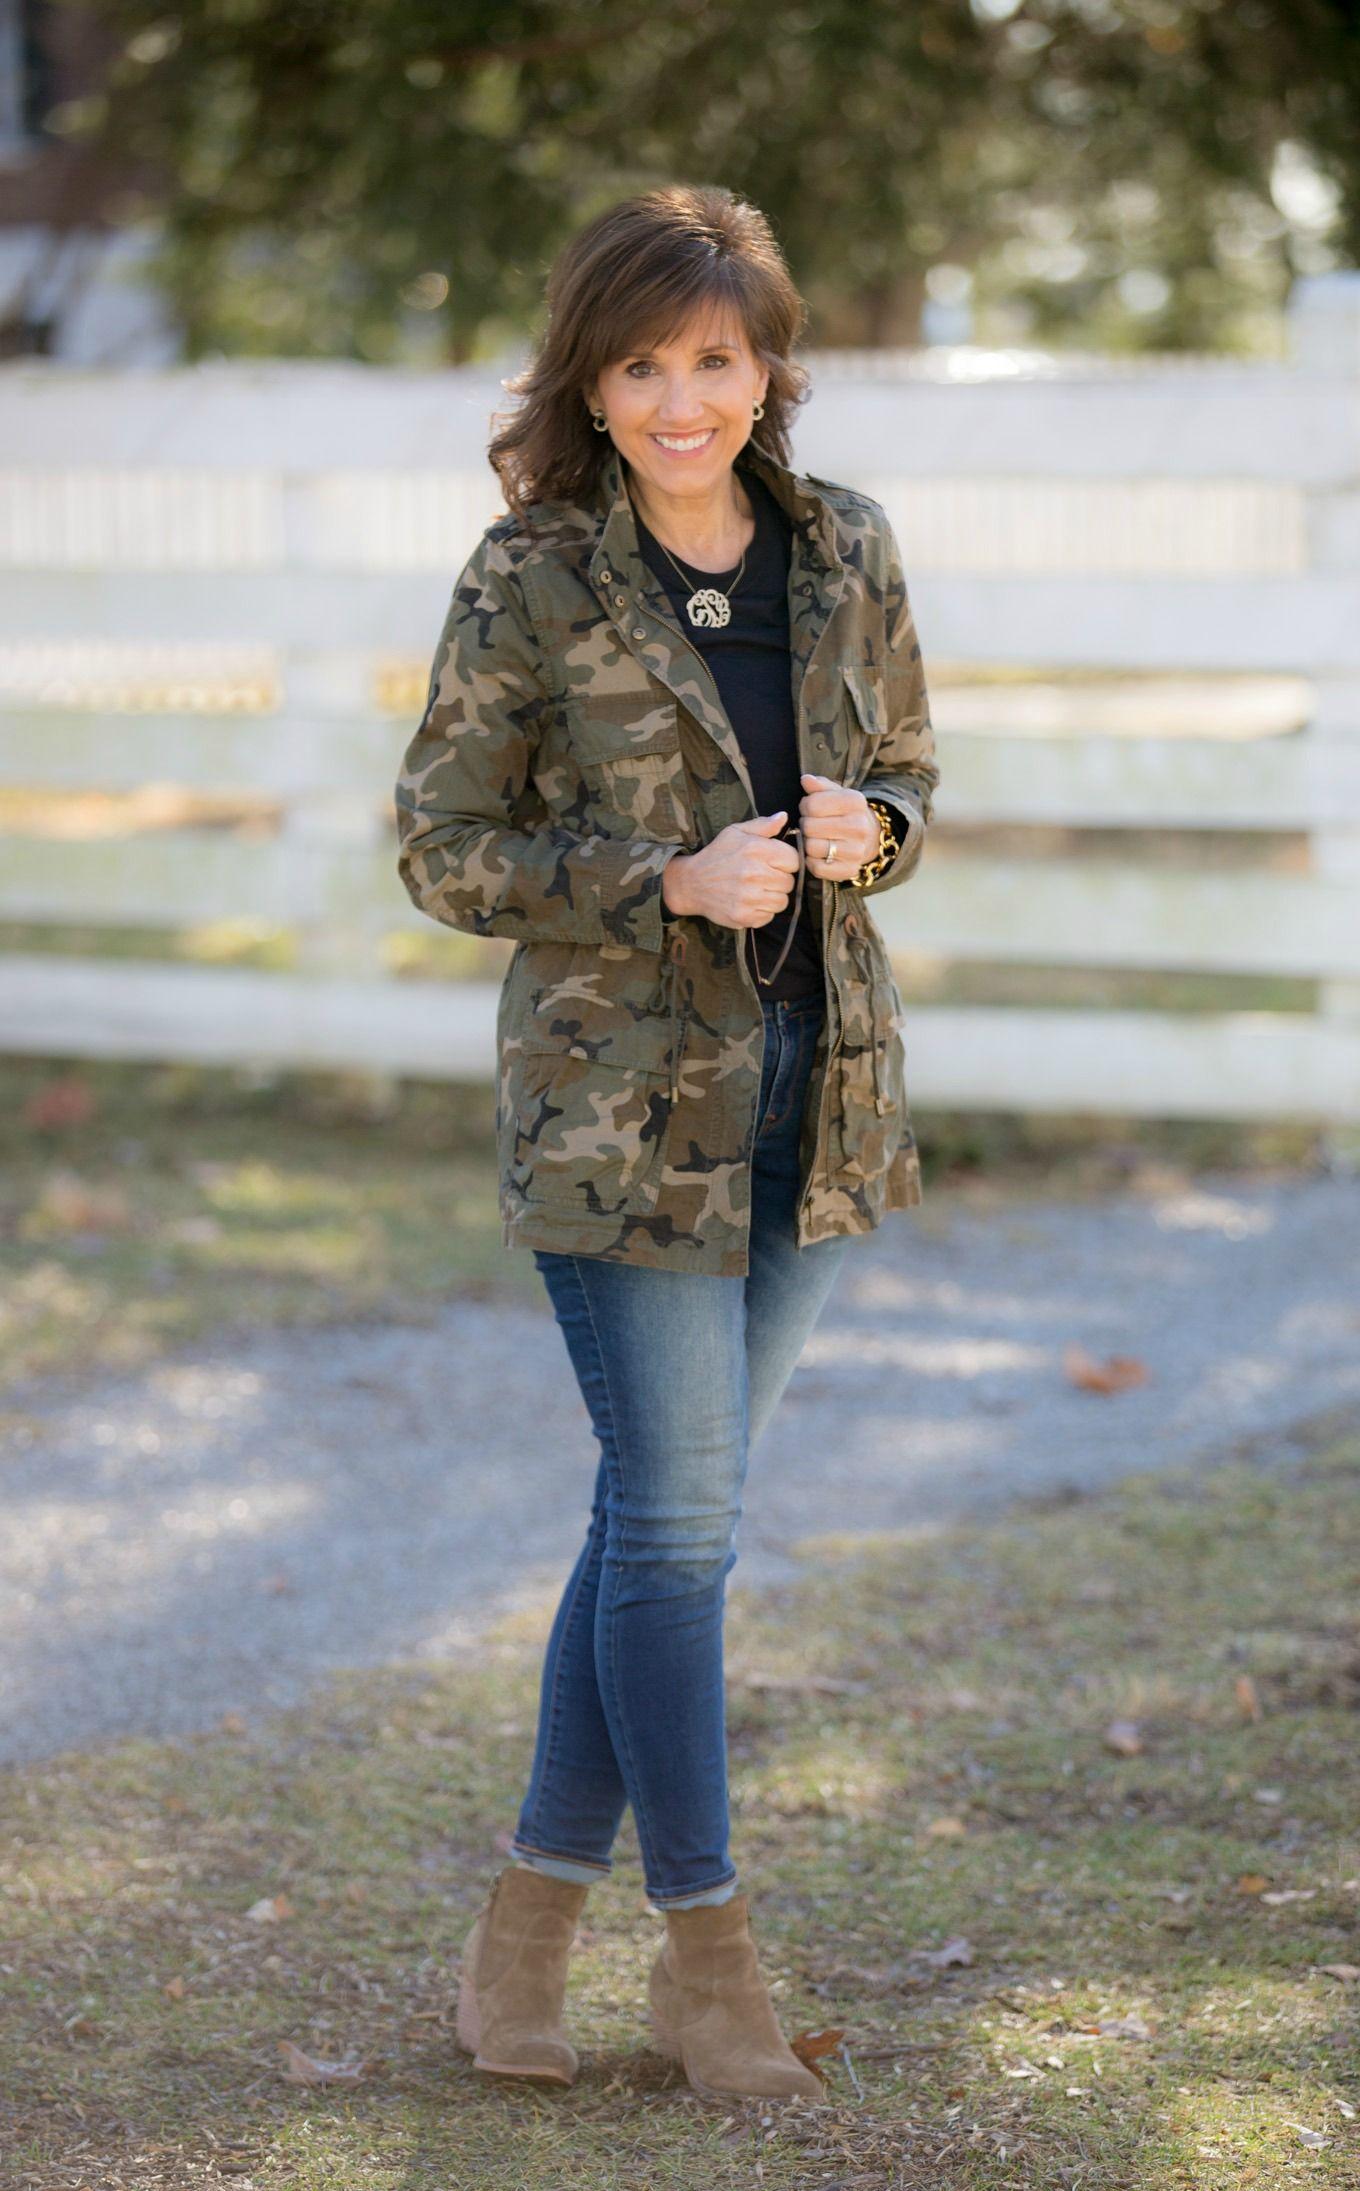 The Camo Jacket Trend Cyndi Spivey Camo Fashion Camo Jacket Women Camo Jacket Outfit [ 2191 x 1360 Pixel ]